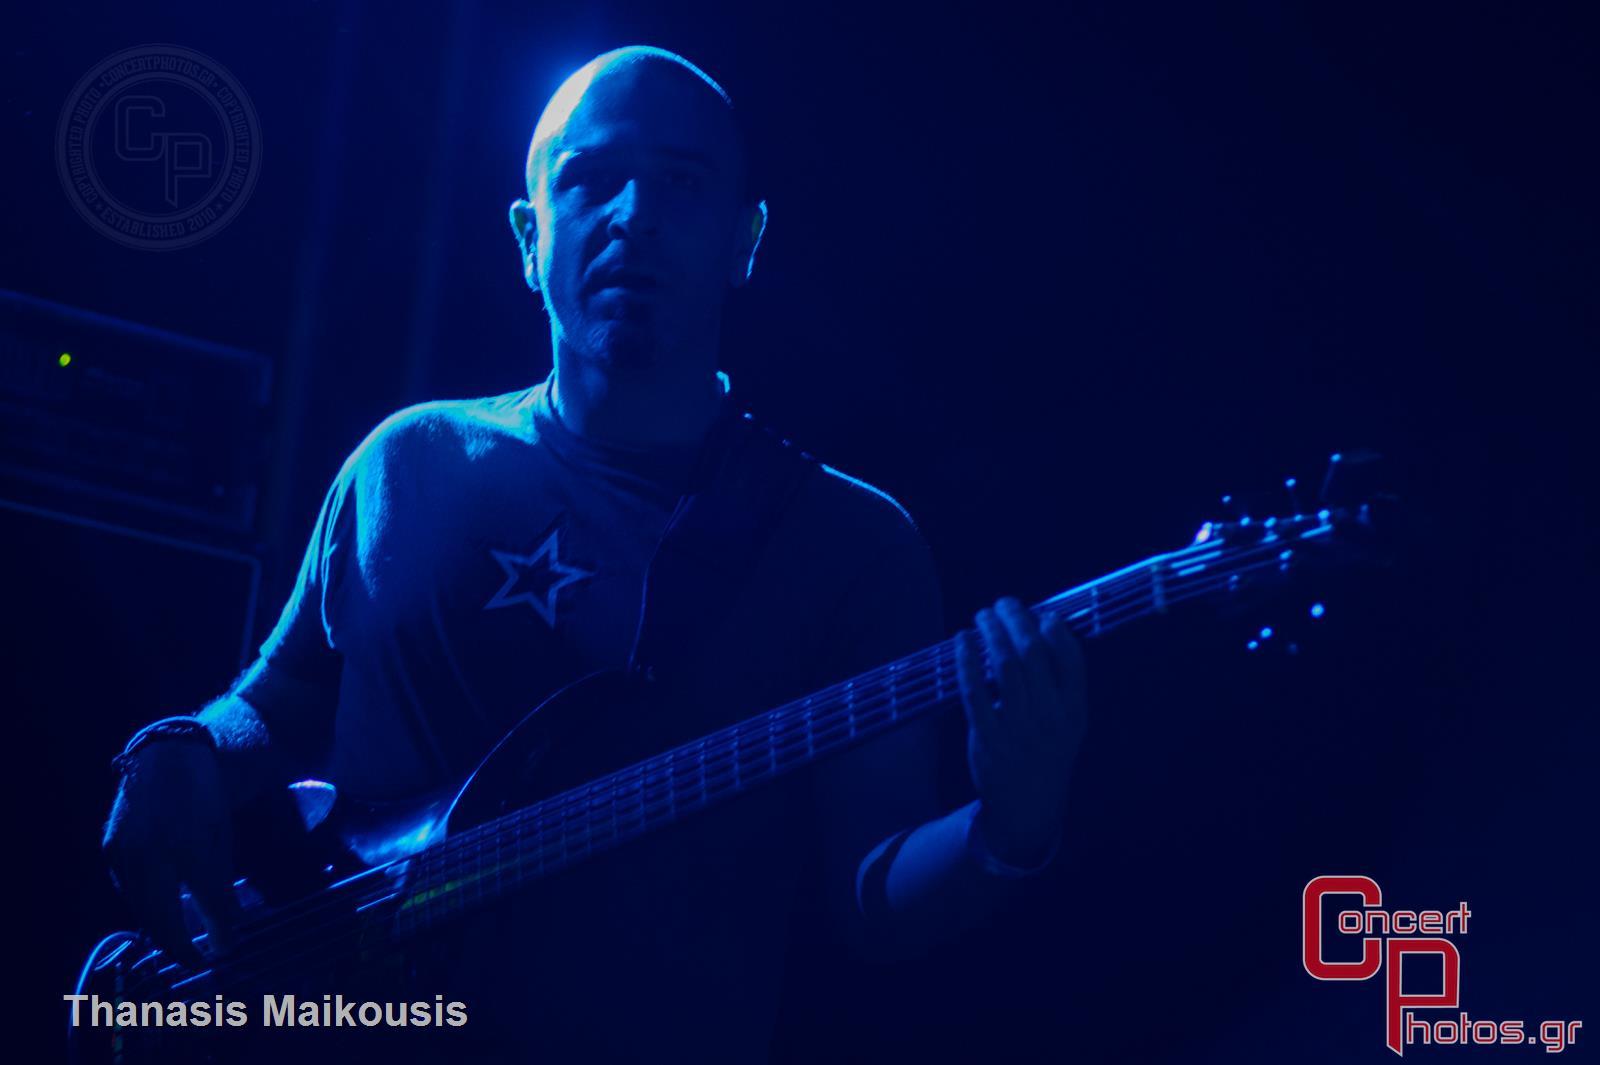 En Lefko 2014-En Lefko 2014 photographer: Thanasis Maikousis - concertphotos_20140621_22_49_03